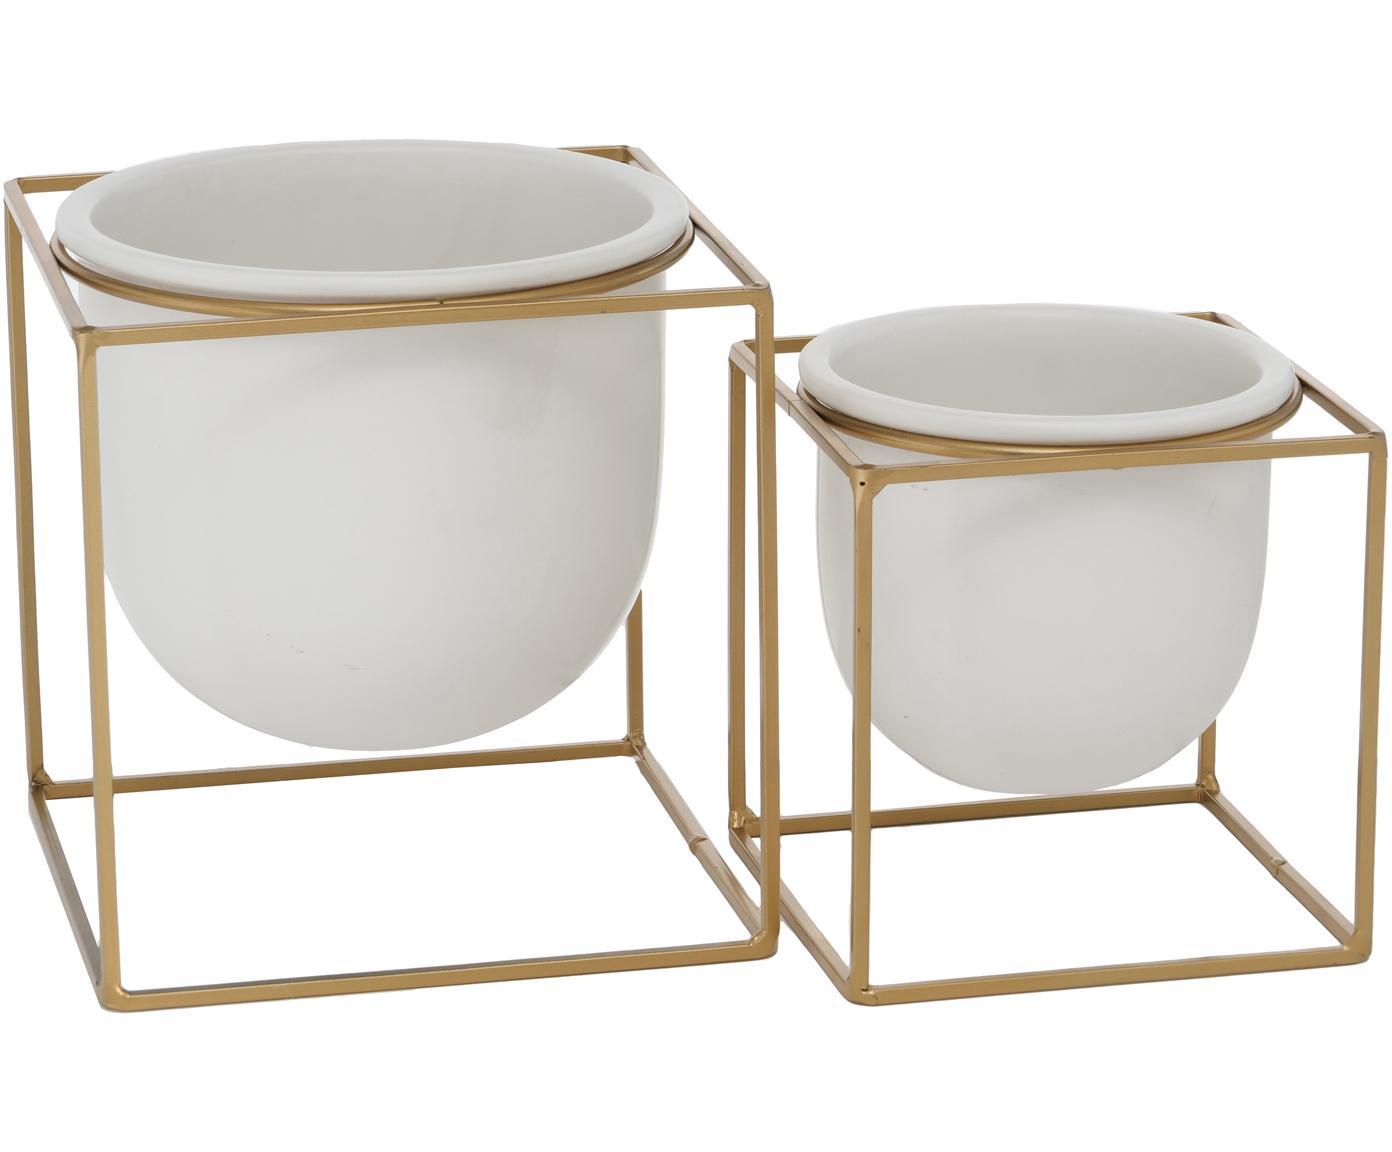 Blumentopf-Set Kumbo, 2-tlg., Metall, Weiß, Sondergrößen